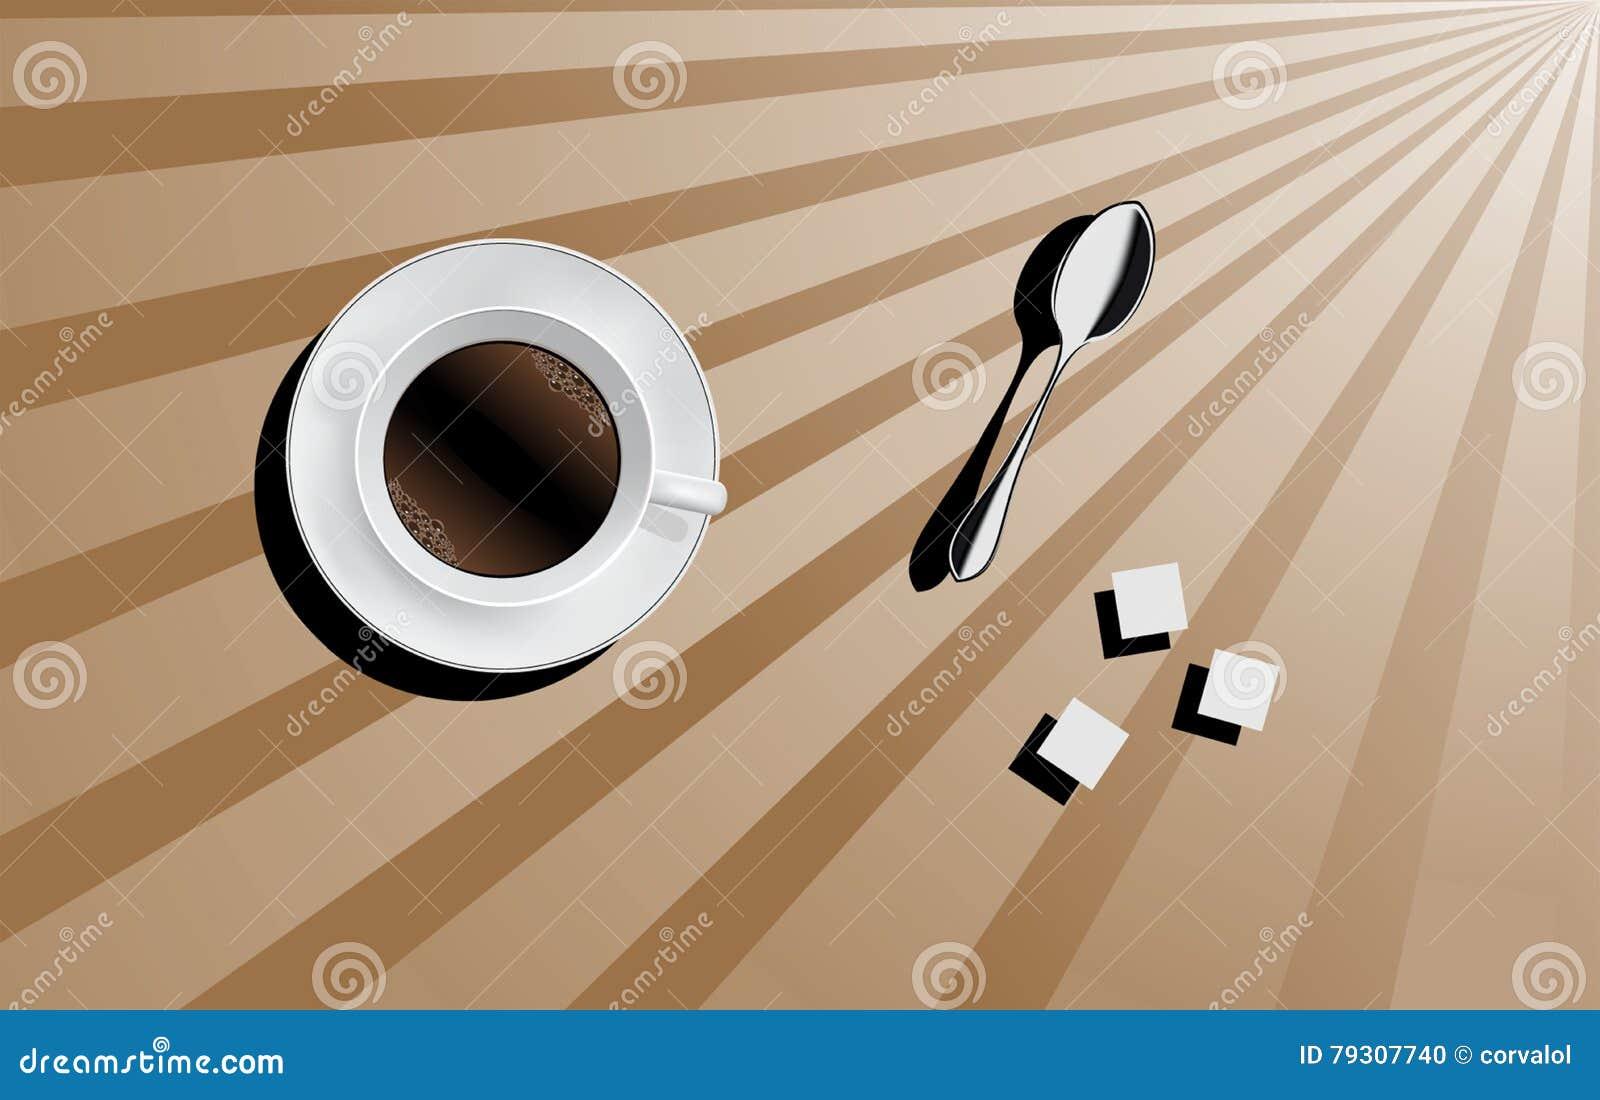 Guten Morgen Tasse Kaffee Vektor Abbildung Illustration Von